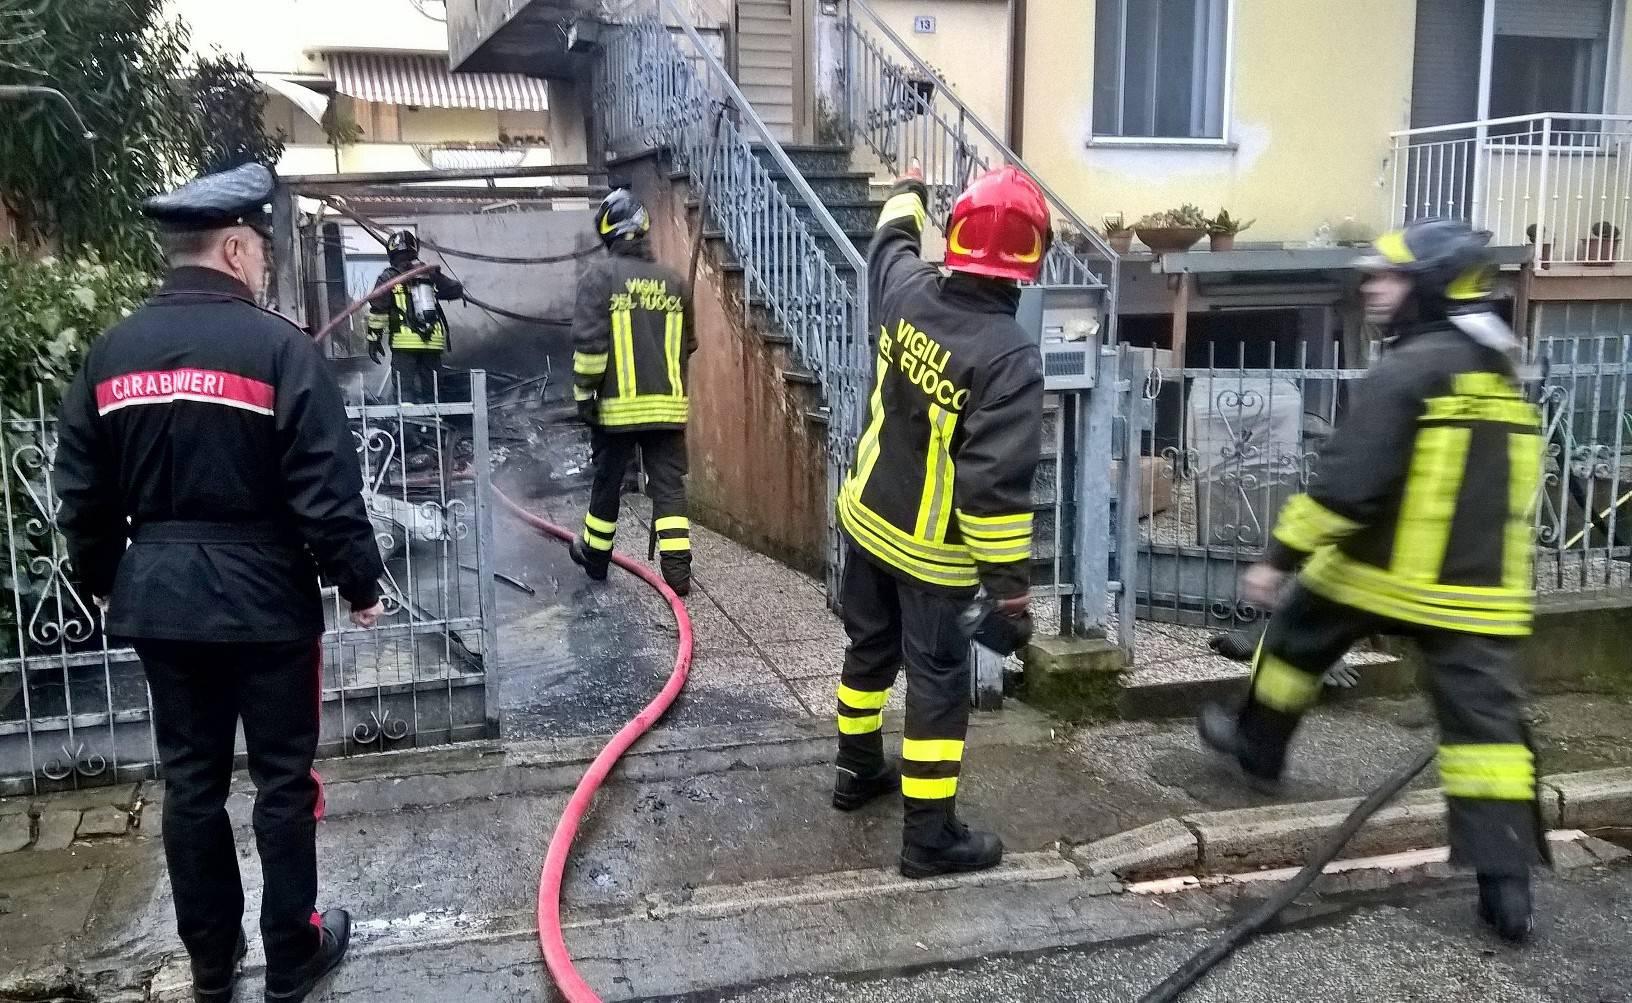 Incendio in un garage di via Lugo a Riccione